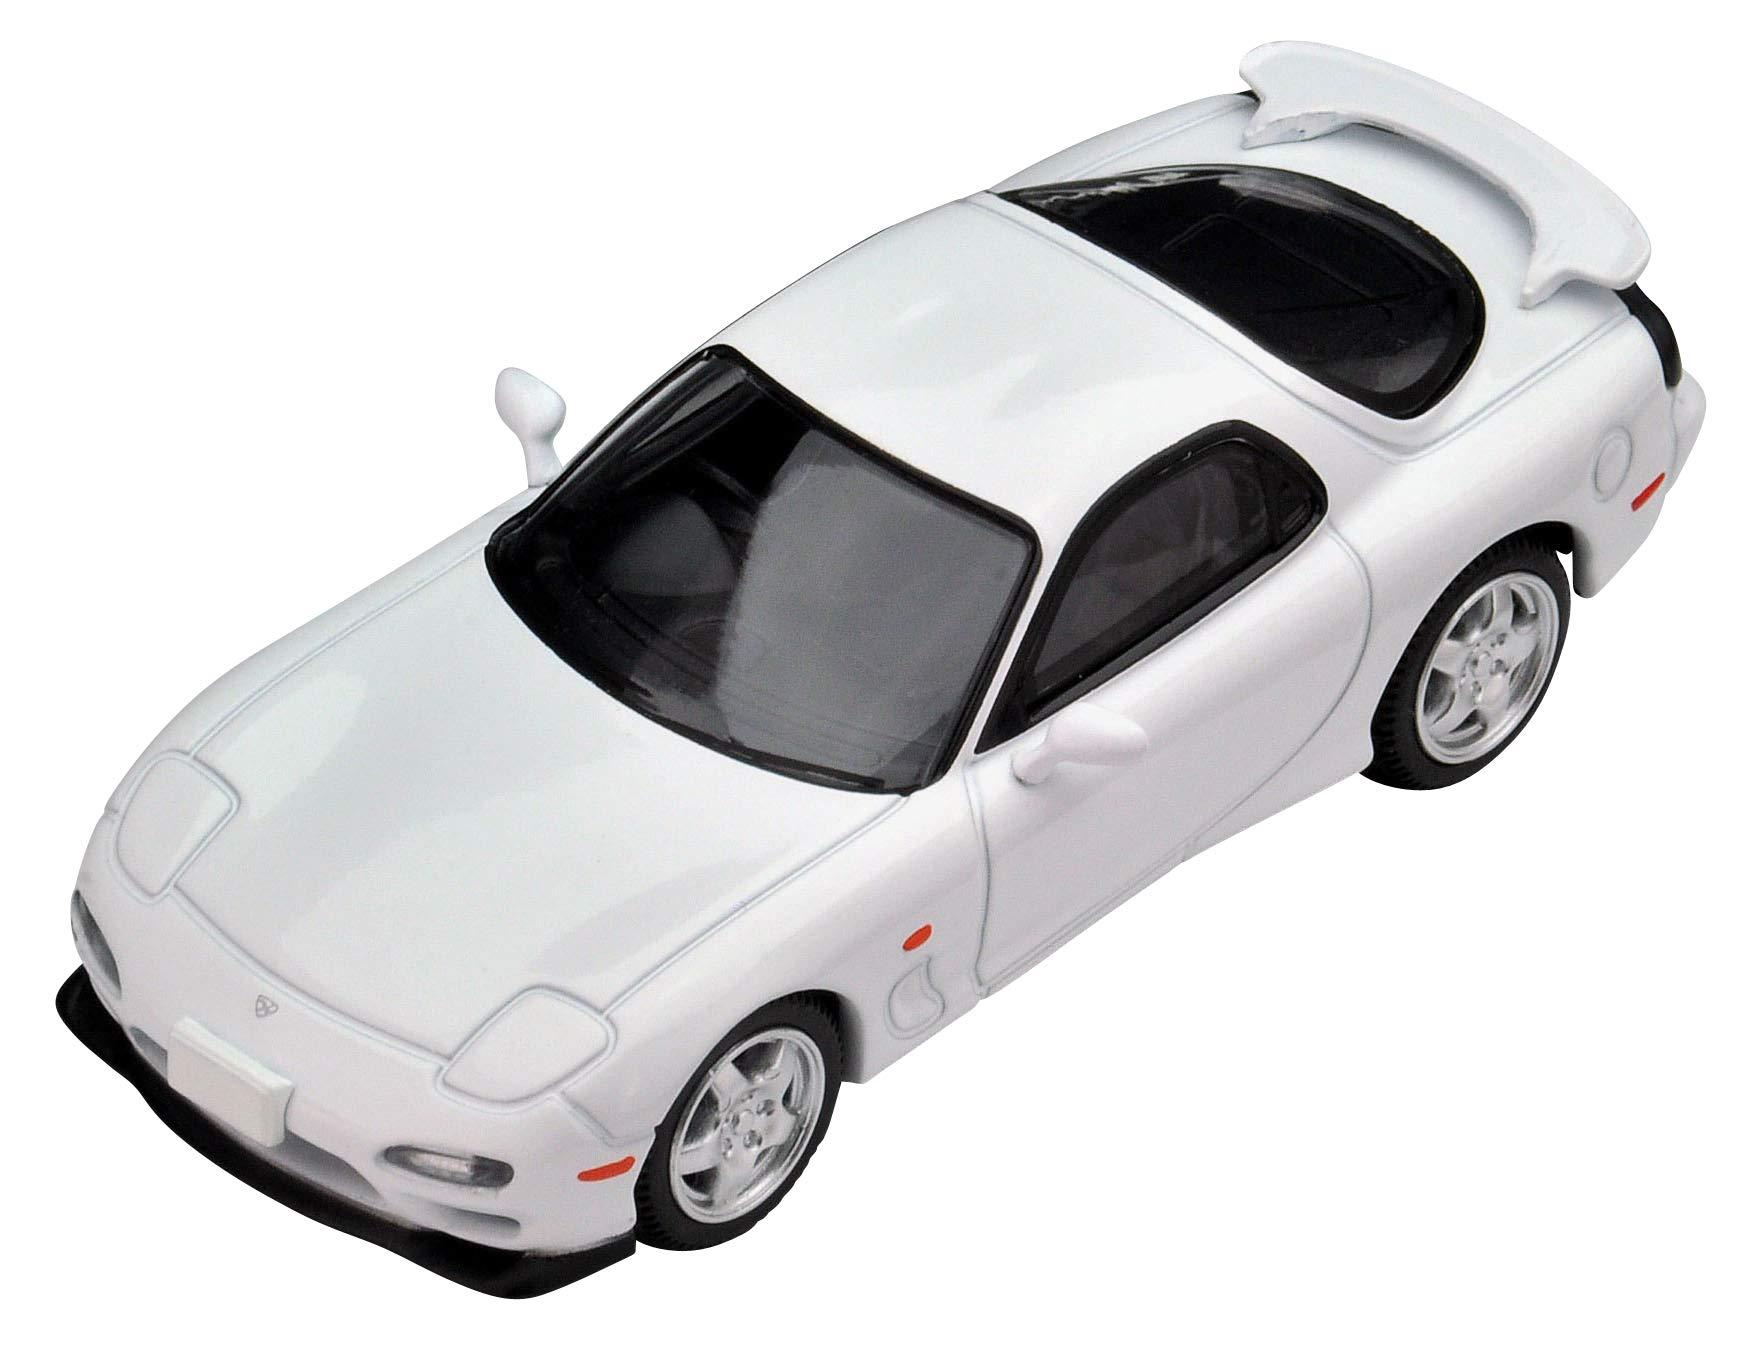 トミカリミテッドヴィンテージ ネオ 1/64 TLV-N177b アンフィニRX-7 タイプRS 白 RS用内装パーツ 4人乗 (メーカー初回受注限定生産) 完成品